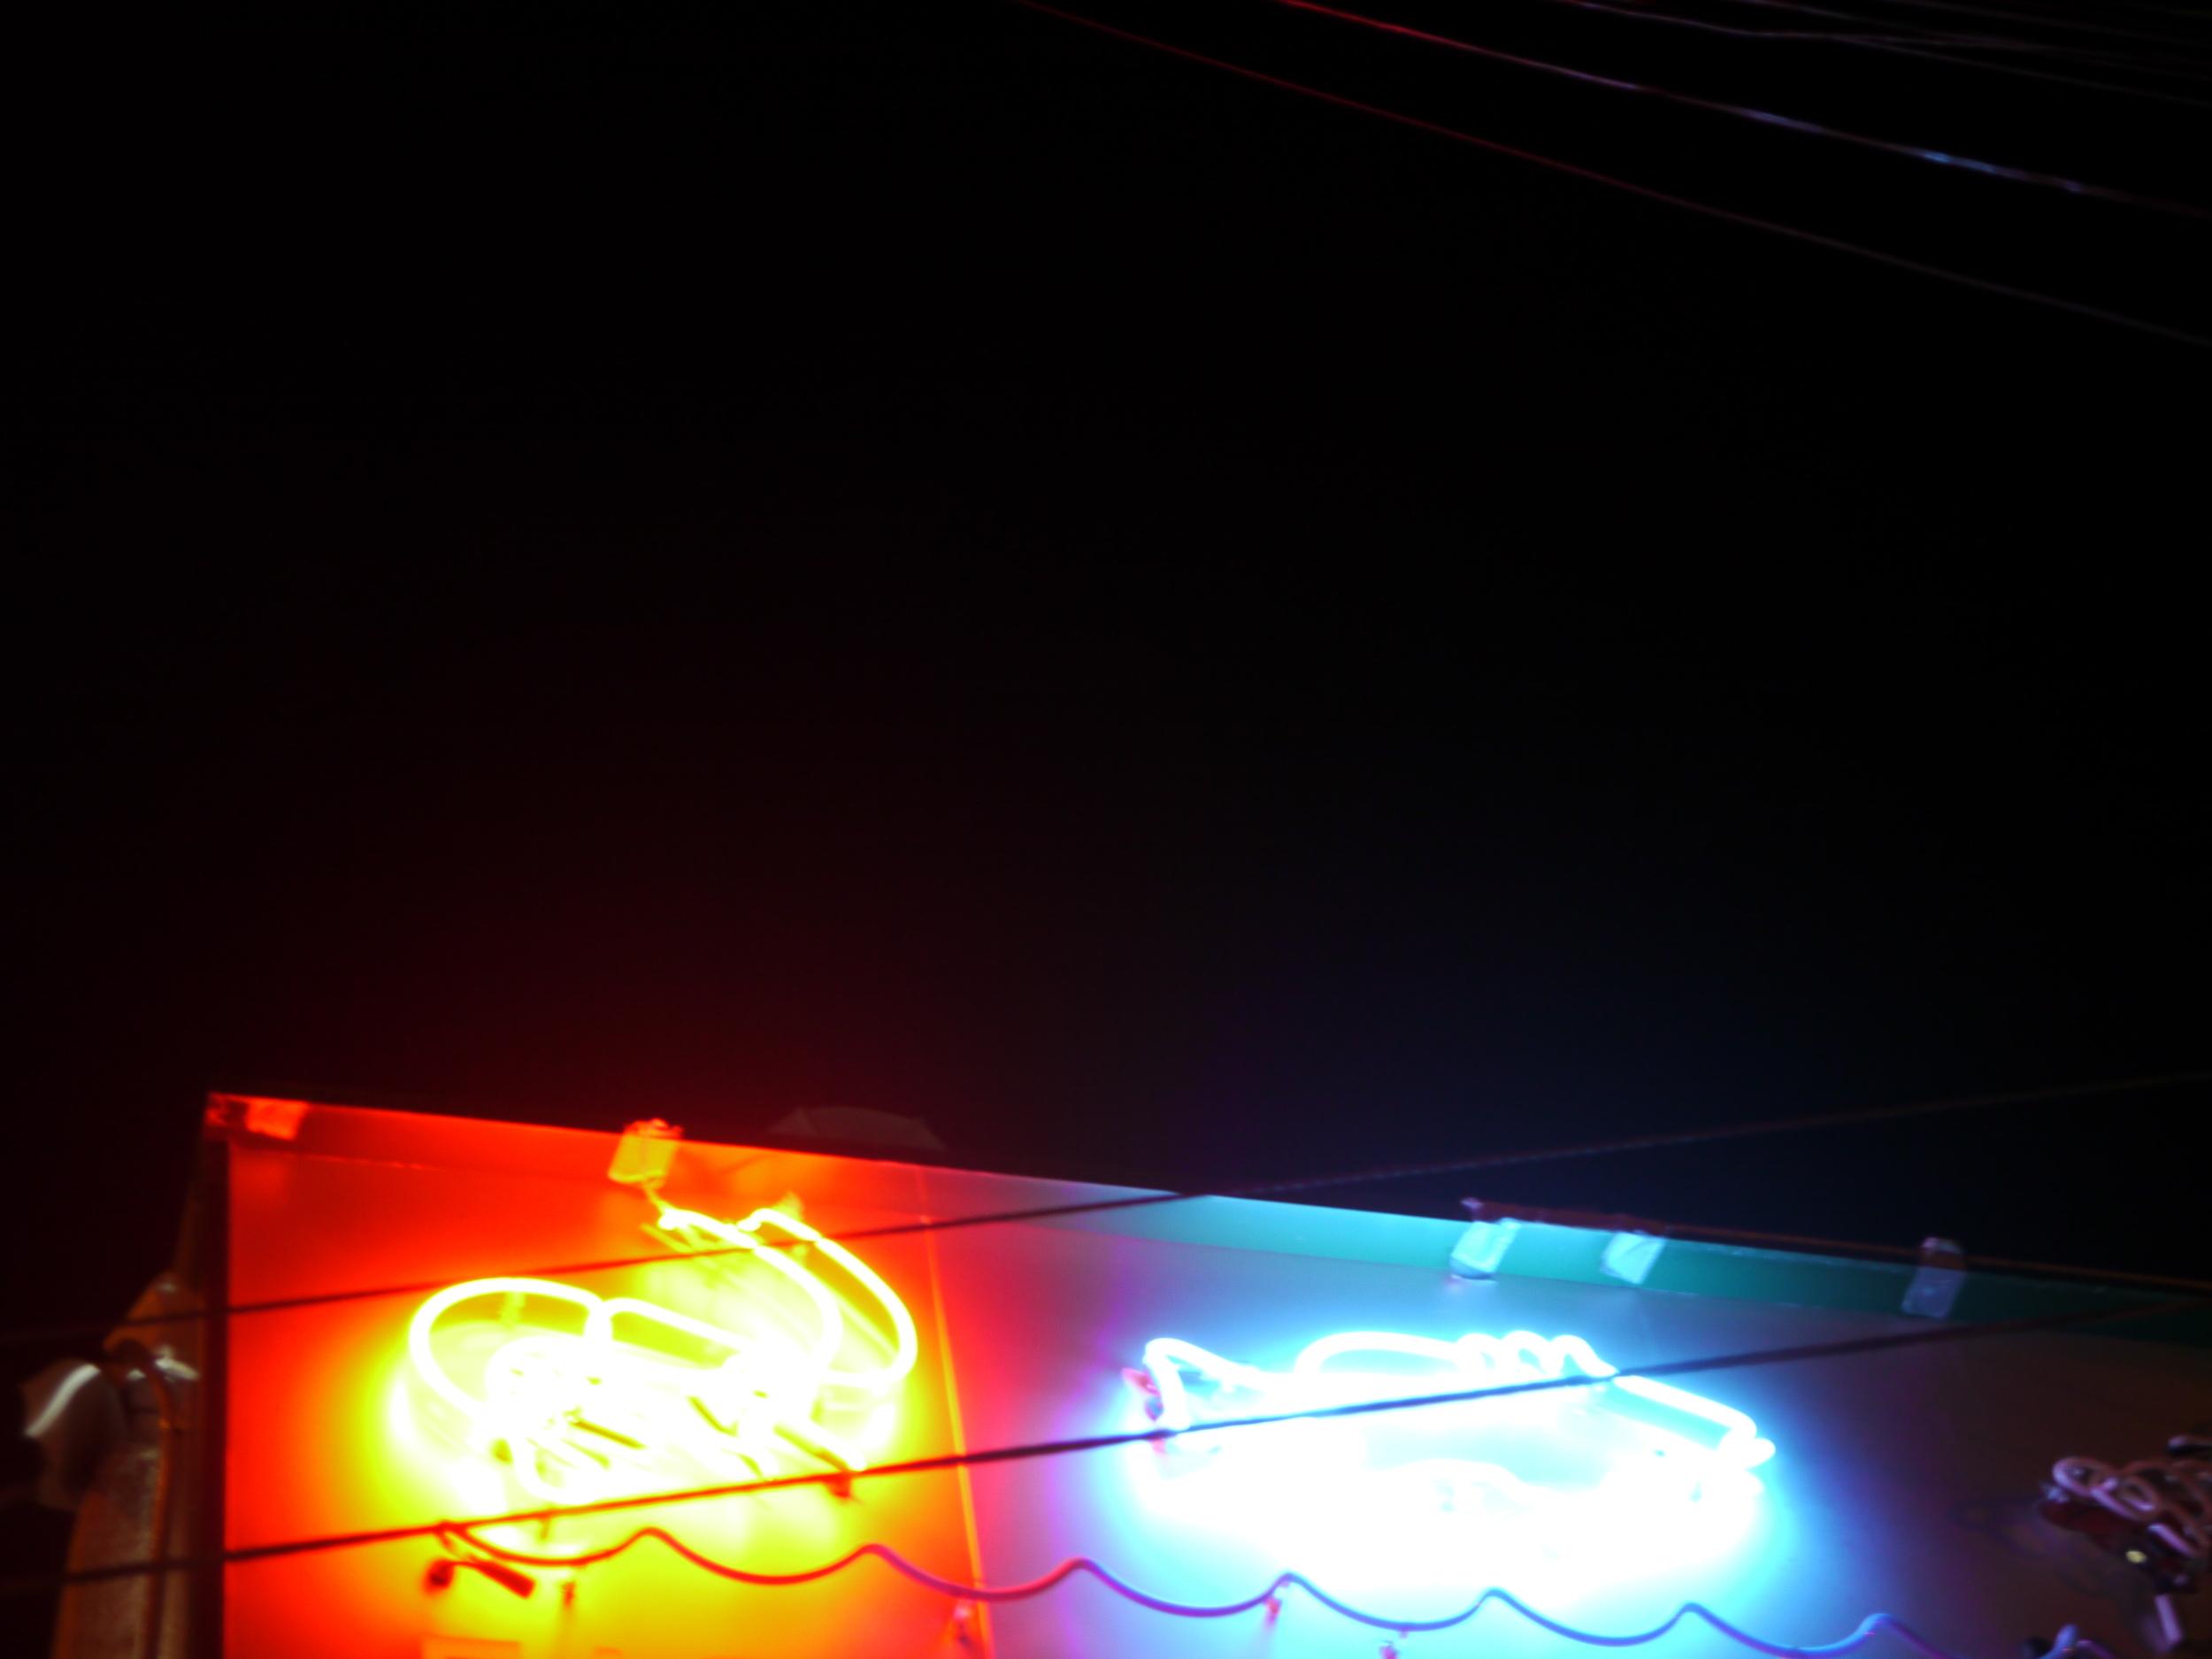 neon animals sign 1 blurry.JPG